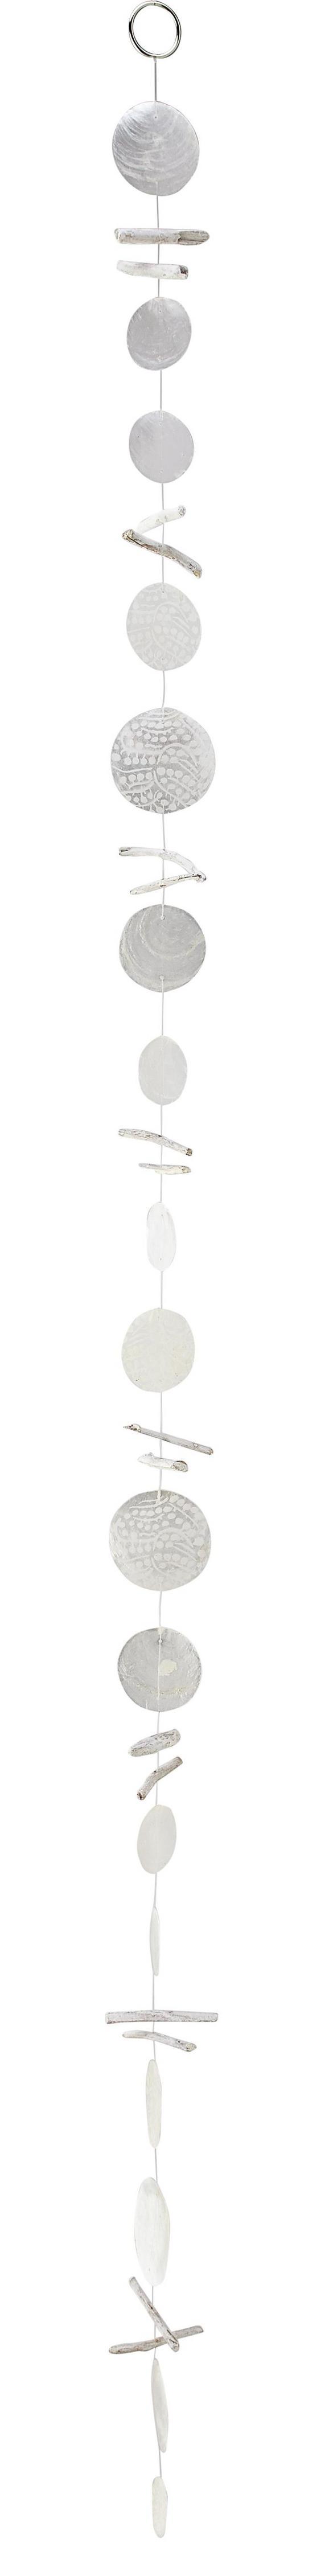 Girlande Carina in Weiß - Weiß, ROMANTIK / LANDHAUS, Holz/Weitere Naturmaterialien (180cm)